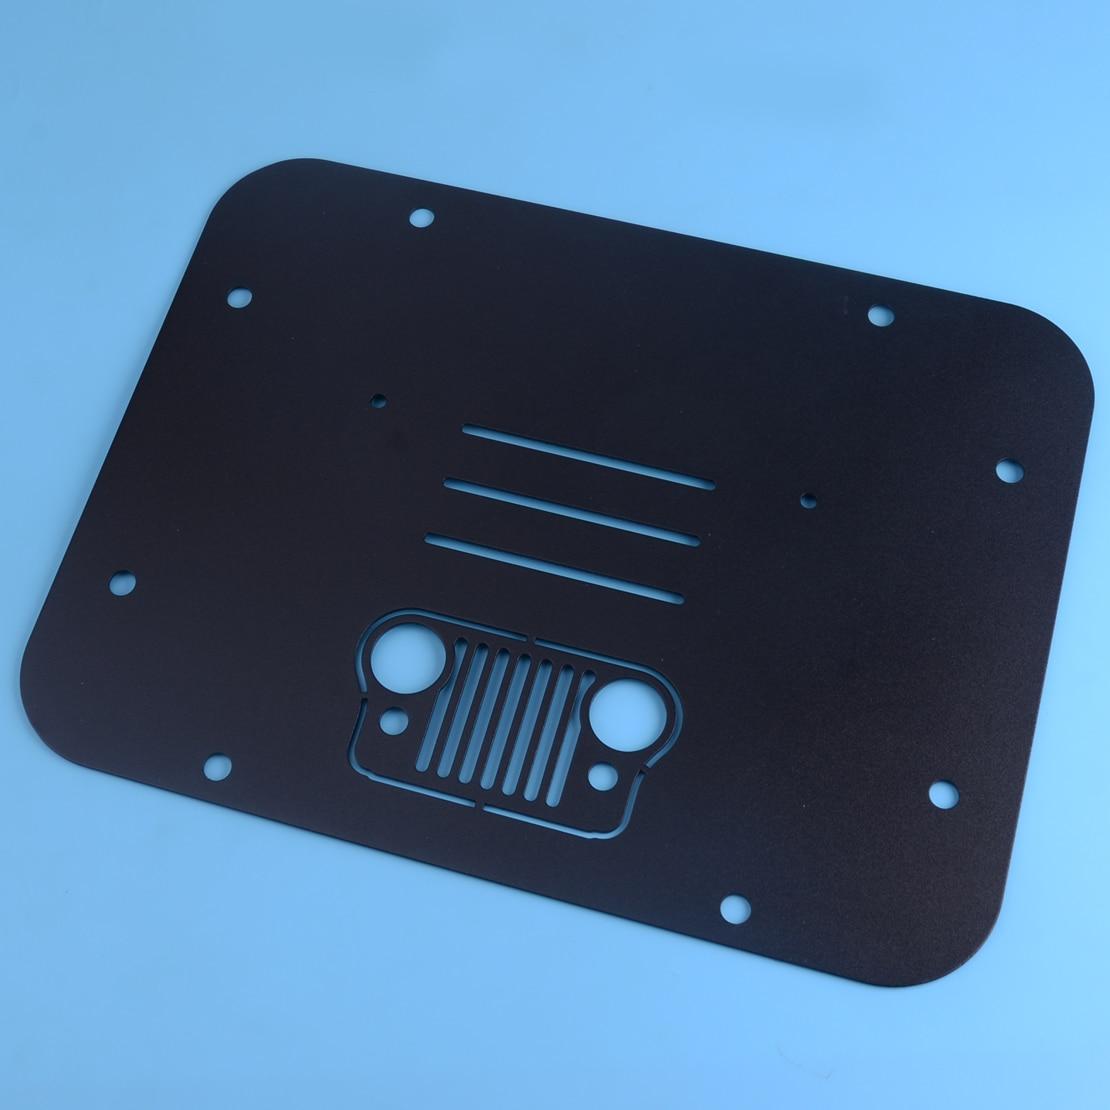 DWCX support de pneu de rechange supprimer plaque de remplissage timbre de Tramp pour Jeep Wrangler JK JKU 2007-2014 2015 2016 2017 2018